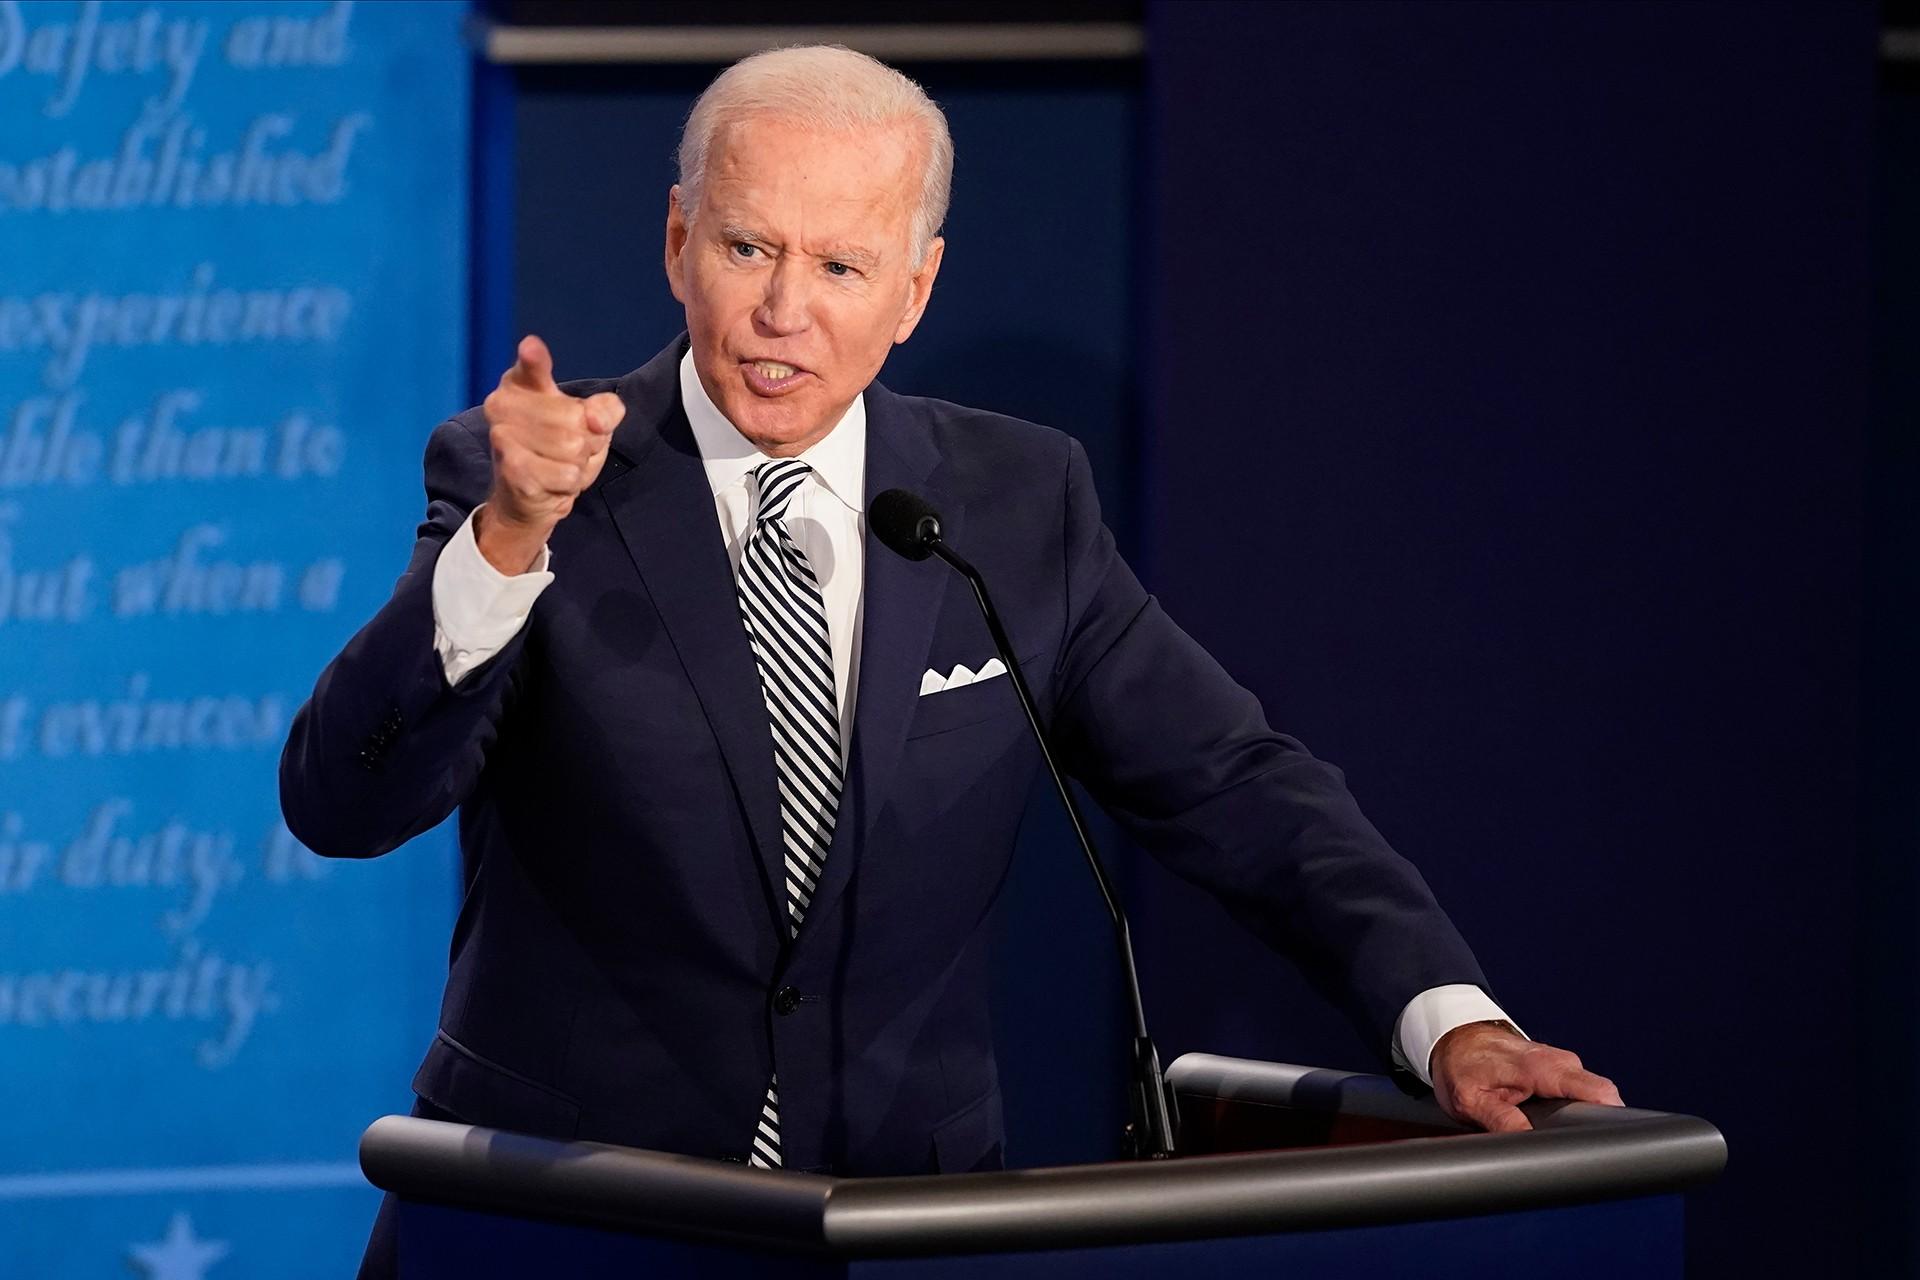 Joe Biden kimdir? Kaç yaşında? Joe Biden mesleği ne? Ne iş yapıyor?